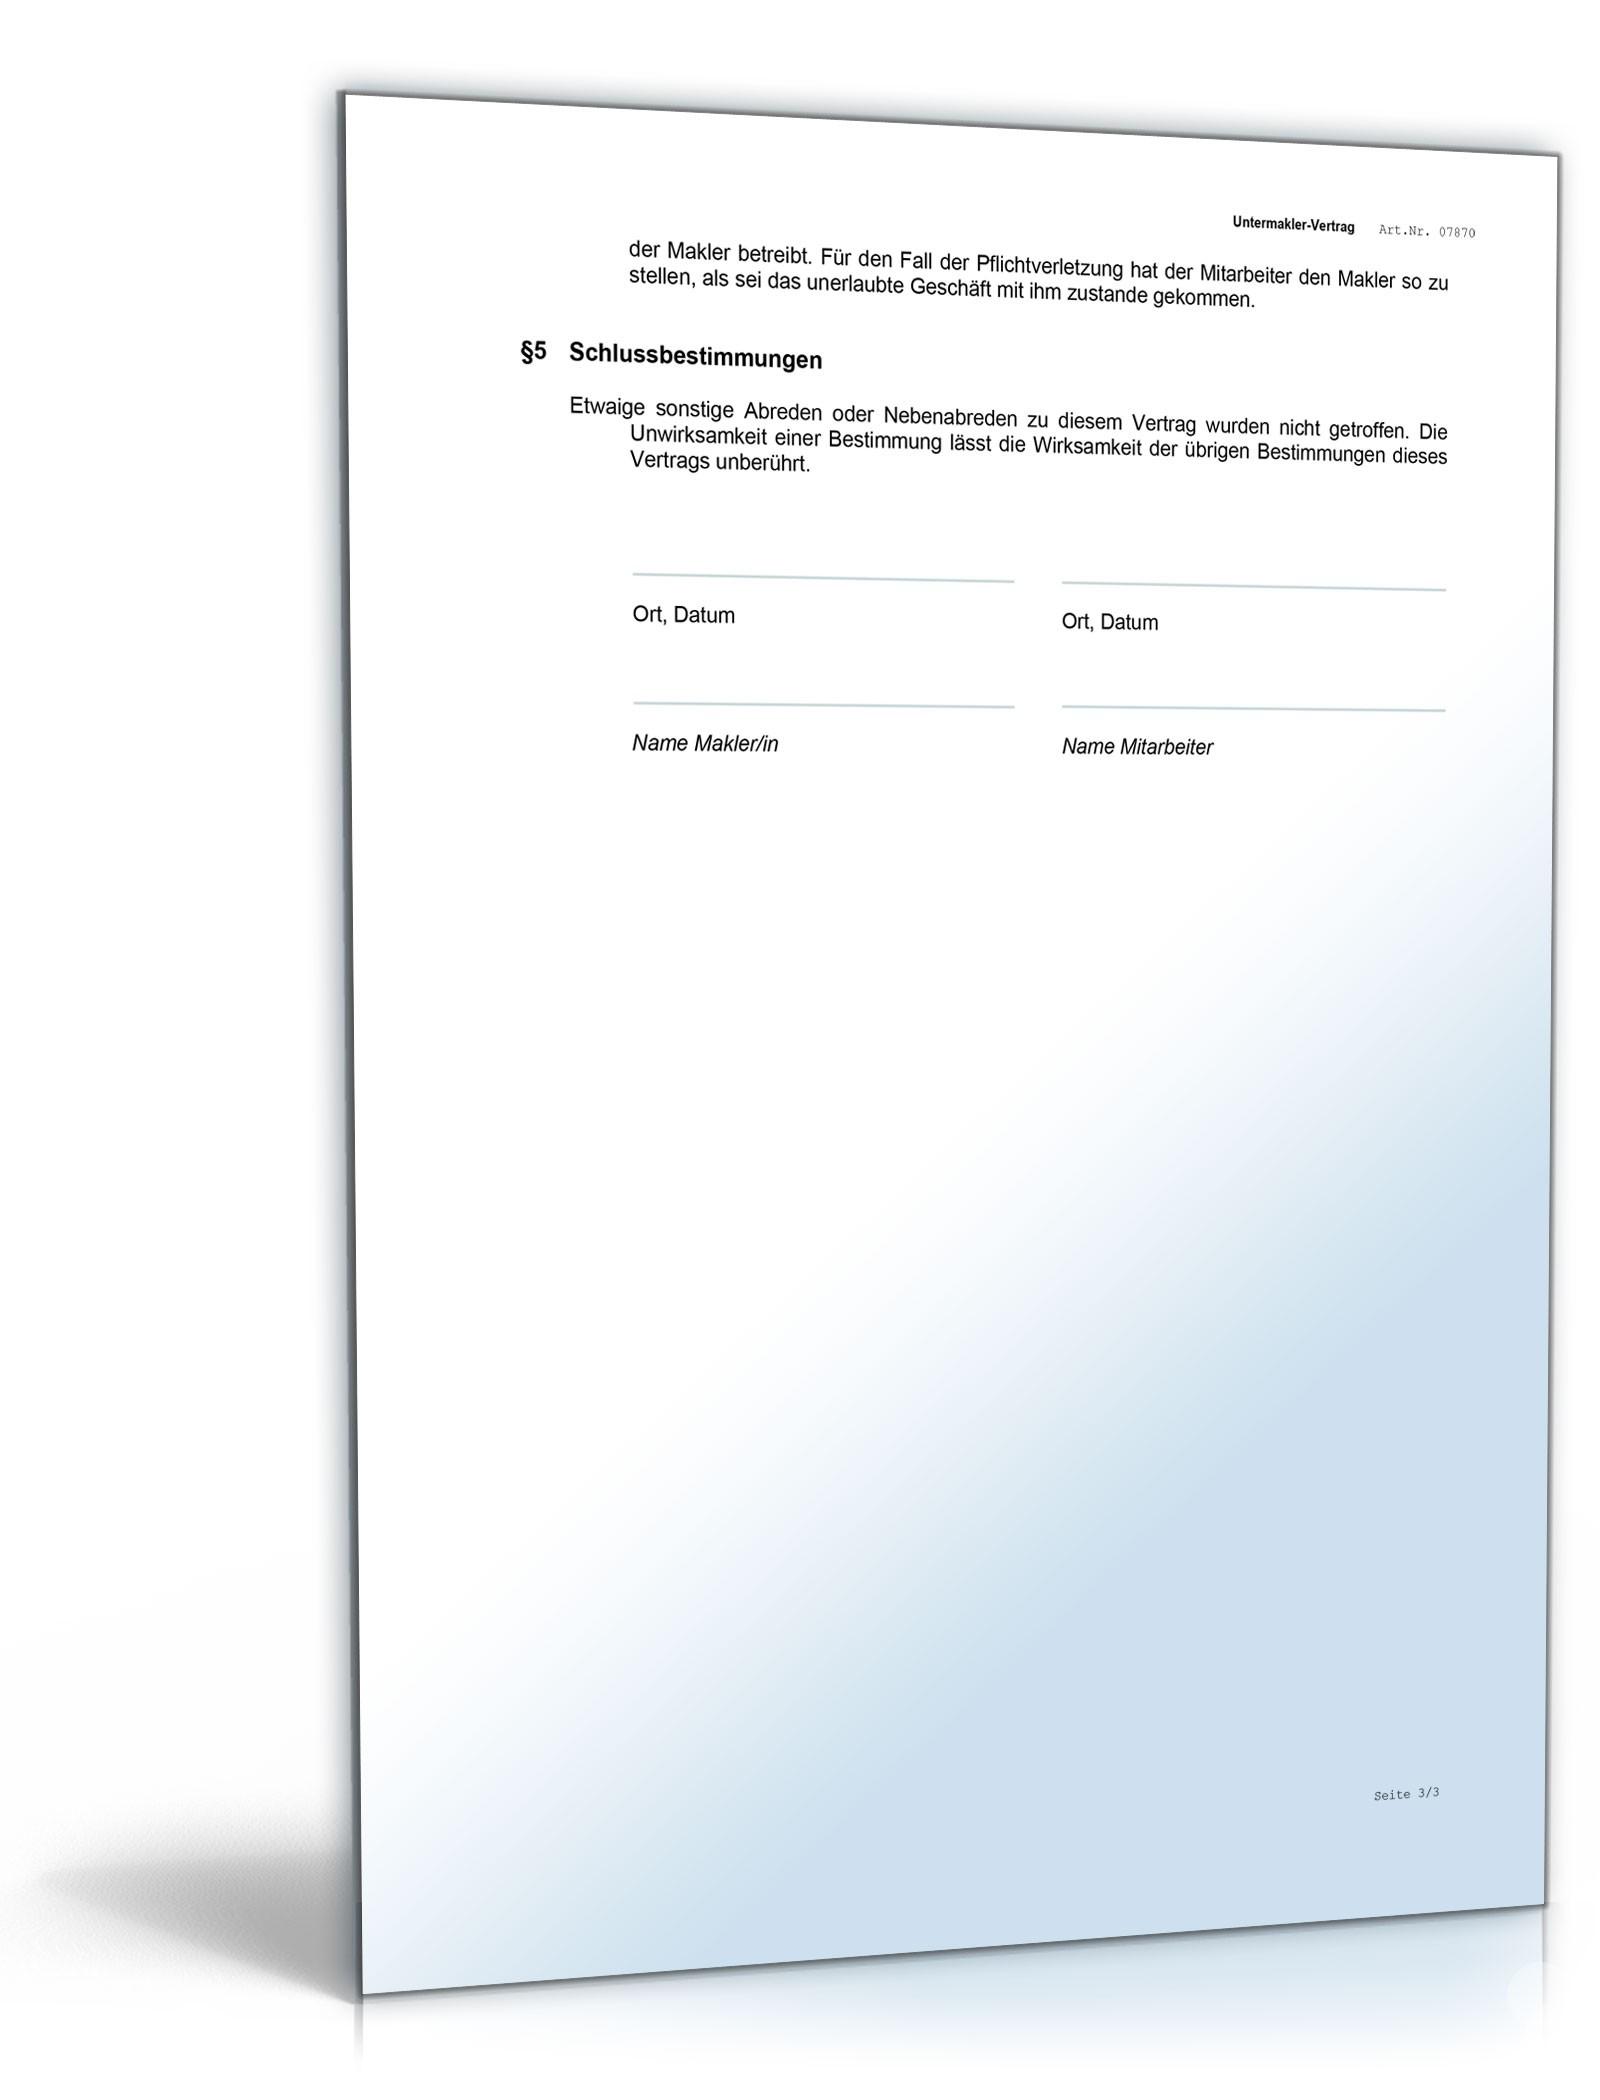 Großzügig Vertrag Mitarbeitervereinbarung Bilder - FORTSETZUNG ...